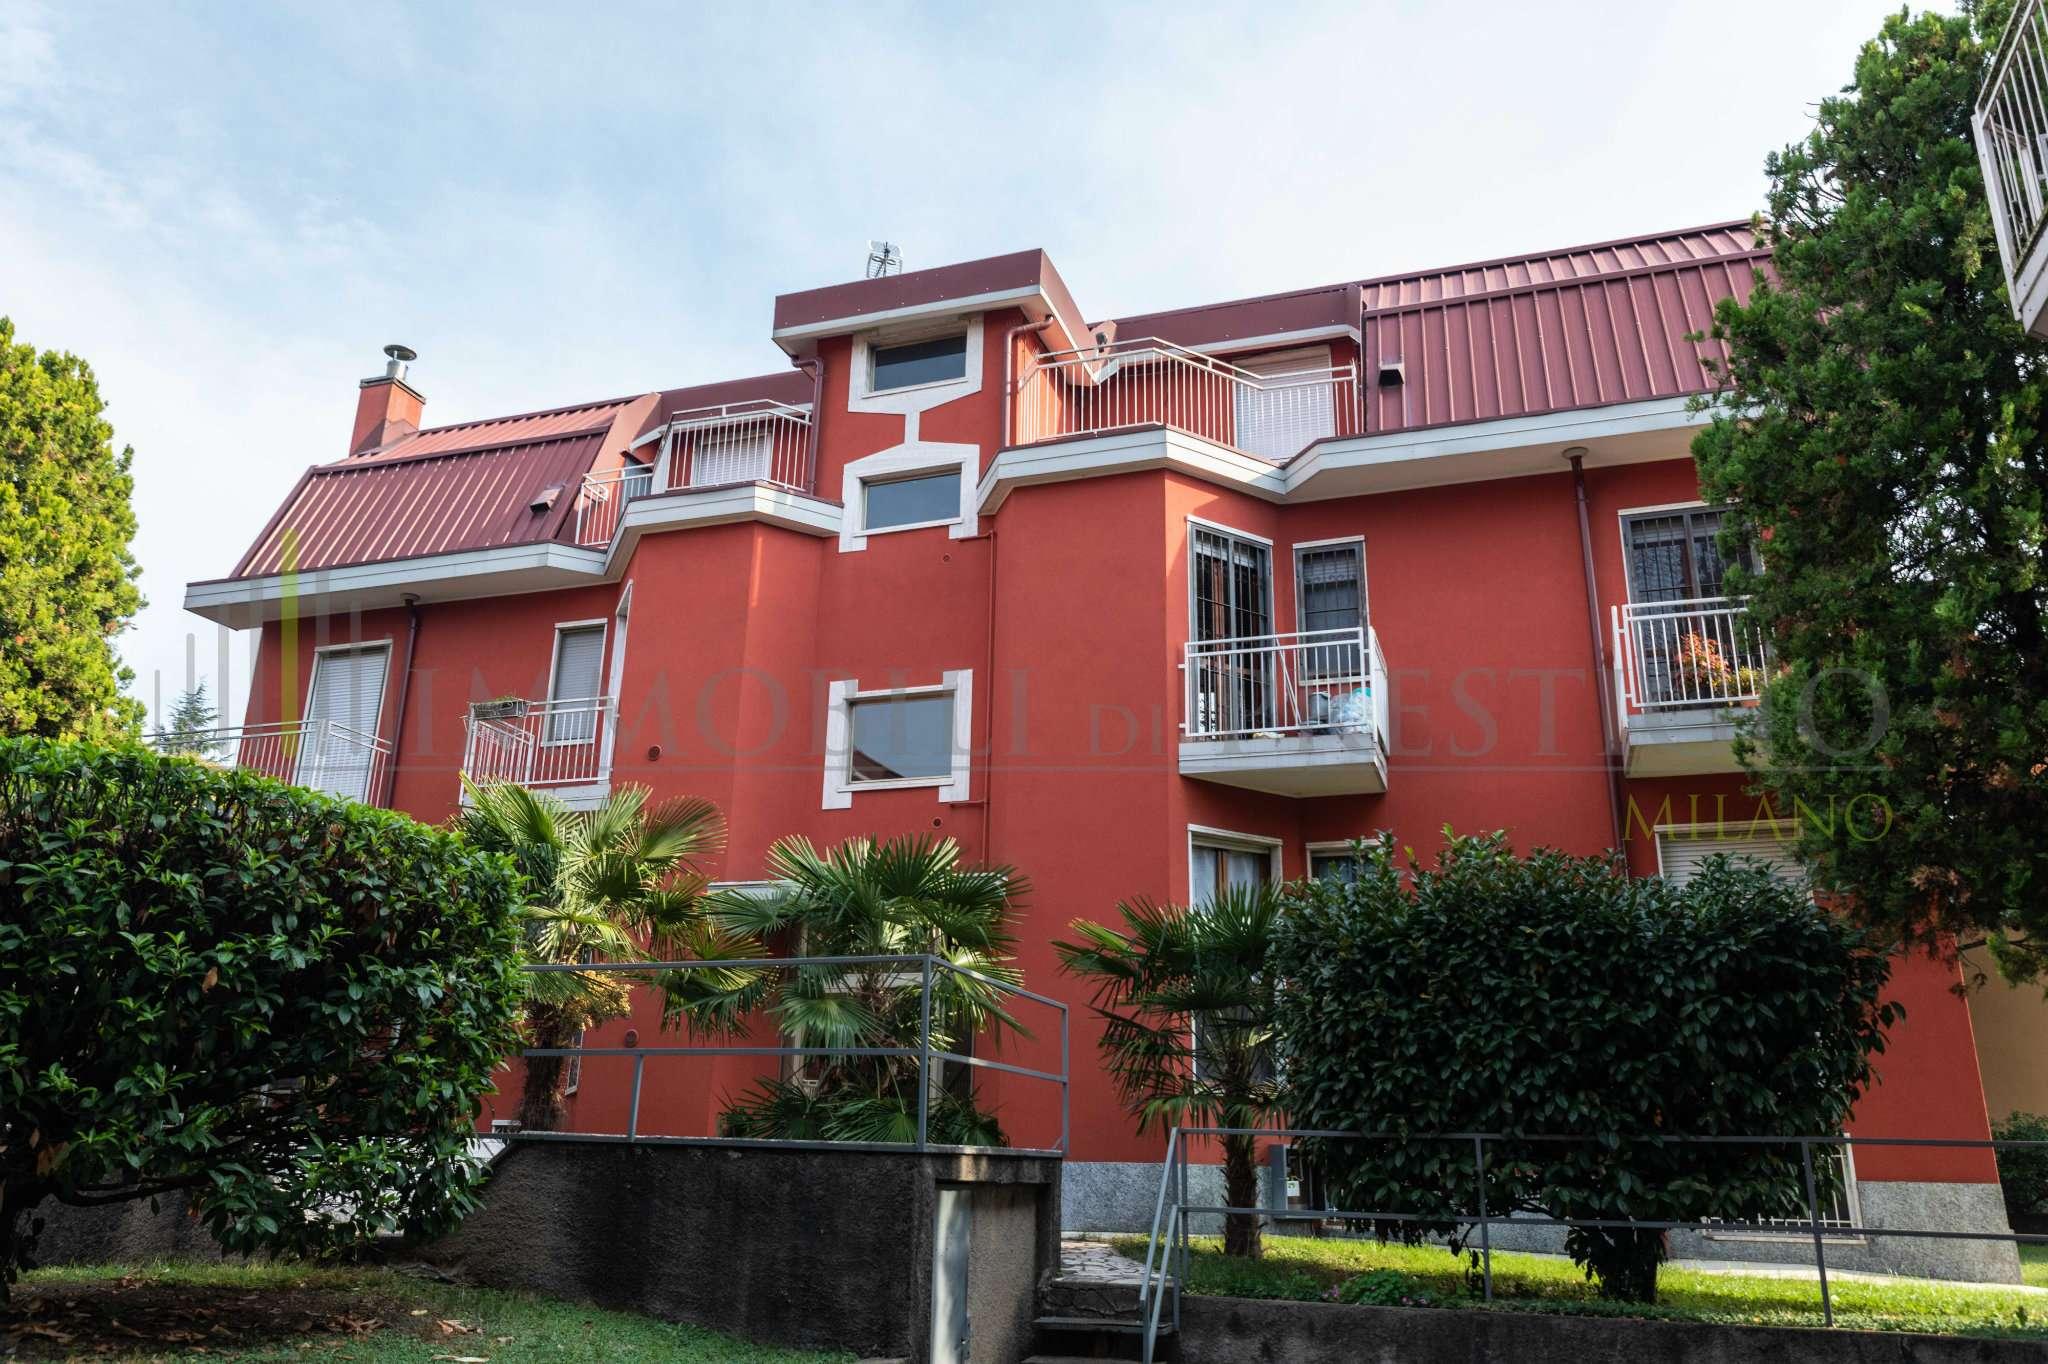 Appartamento in vendita a Cusago, 3 locali, prezzo € 215.000 | PortaleAgenzieImmobiliari.it